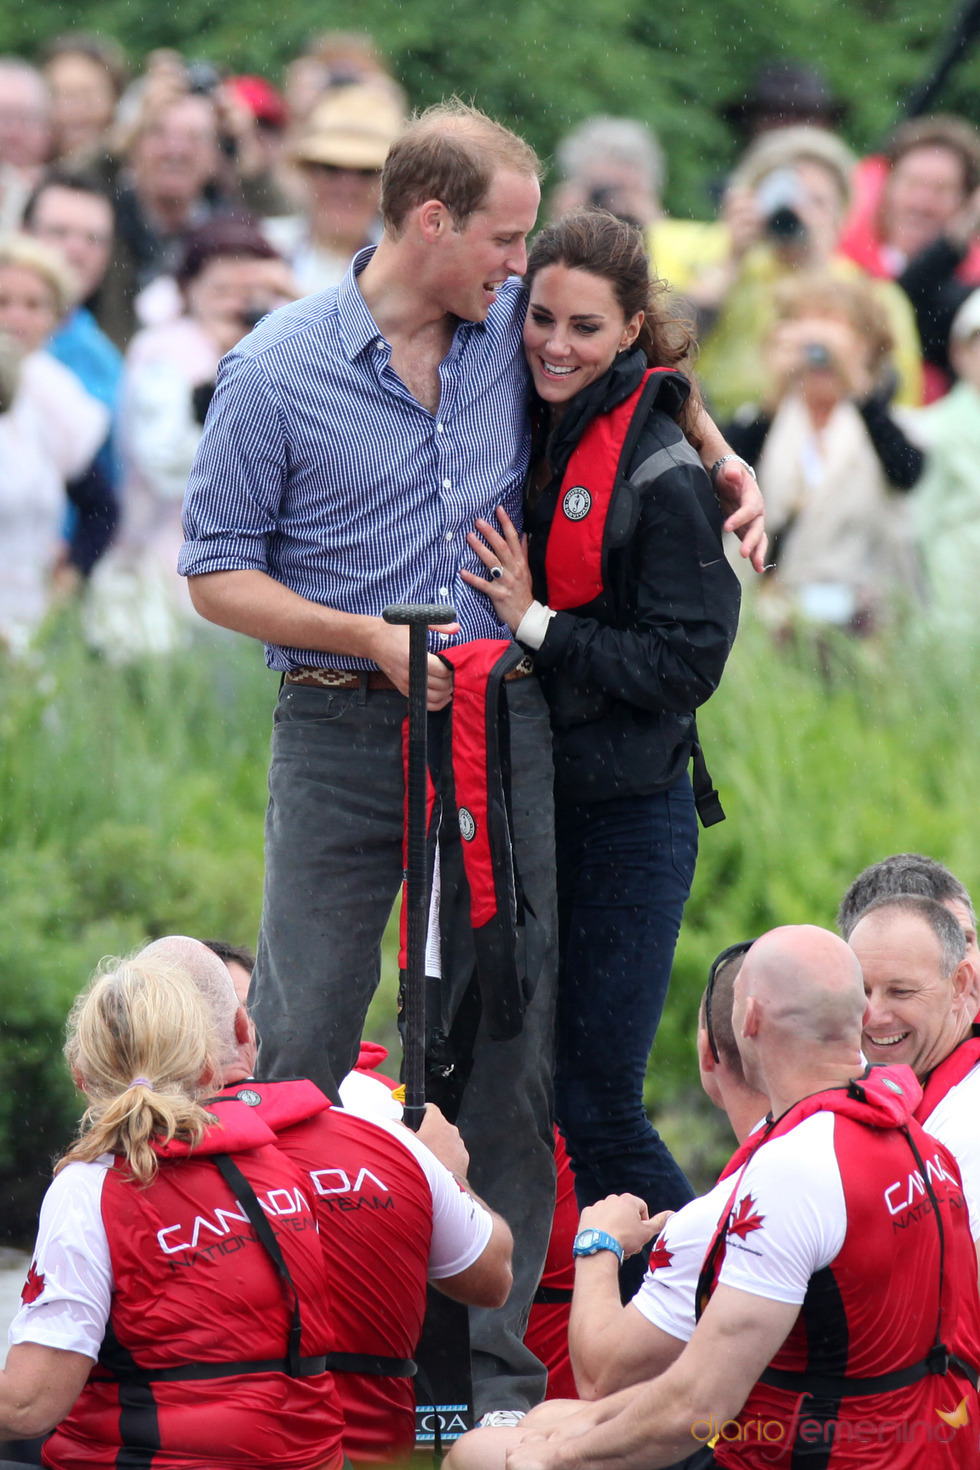 Guillermo de Inglaterra y Kate Middleton participan en una regata en Canadá